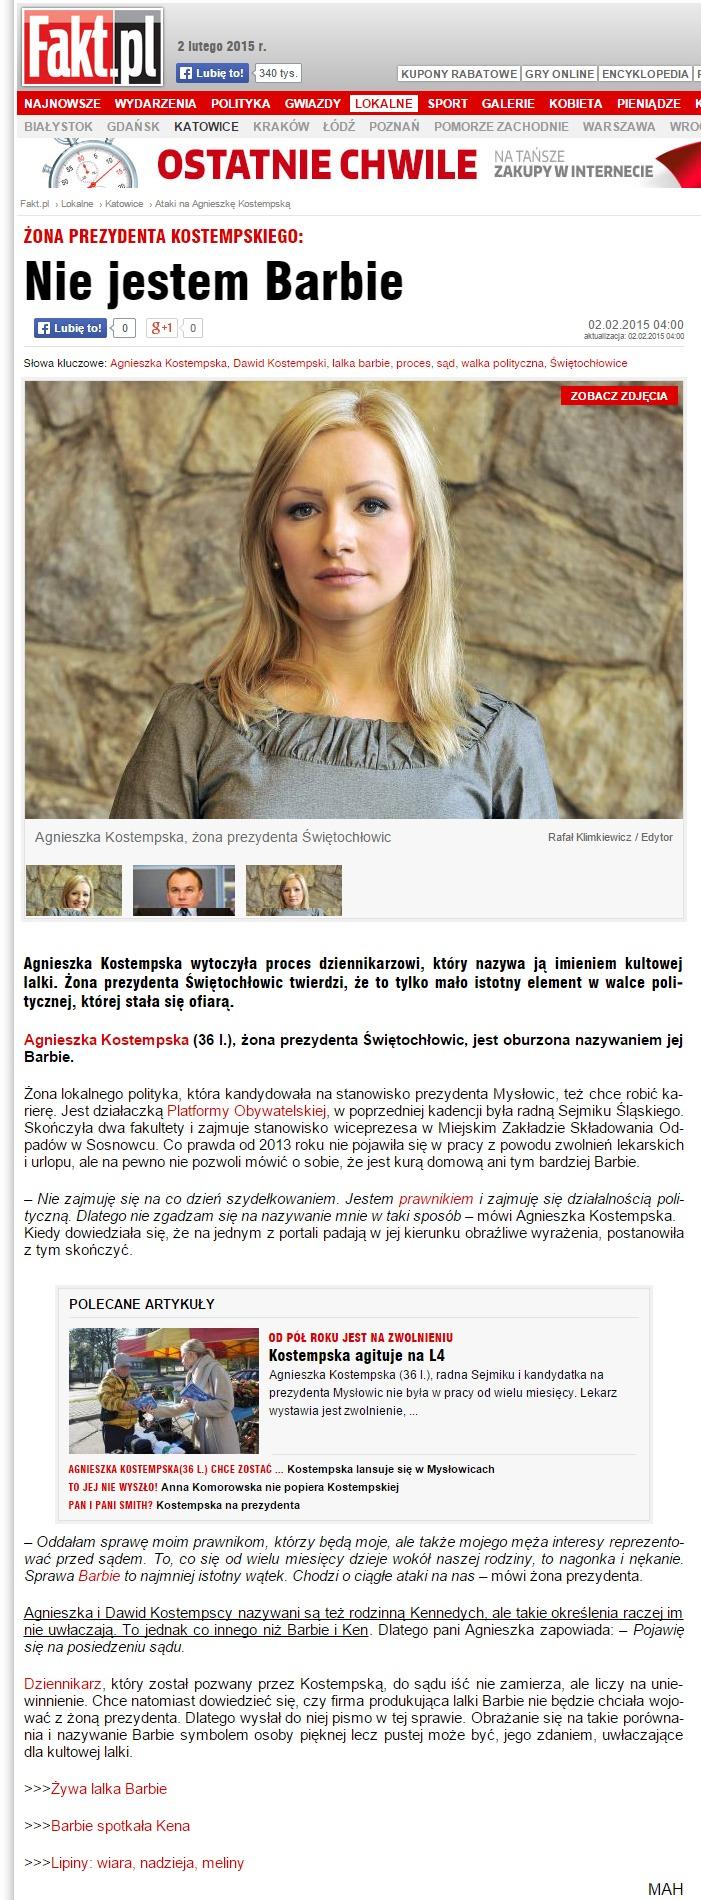 Ataki na Agnieszkę Kostempską